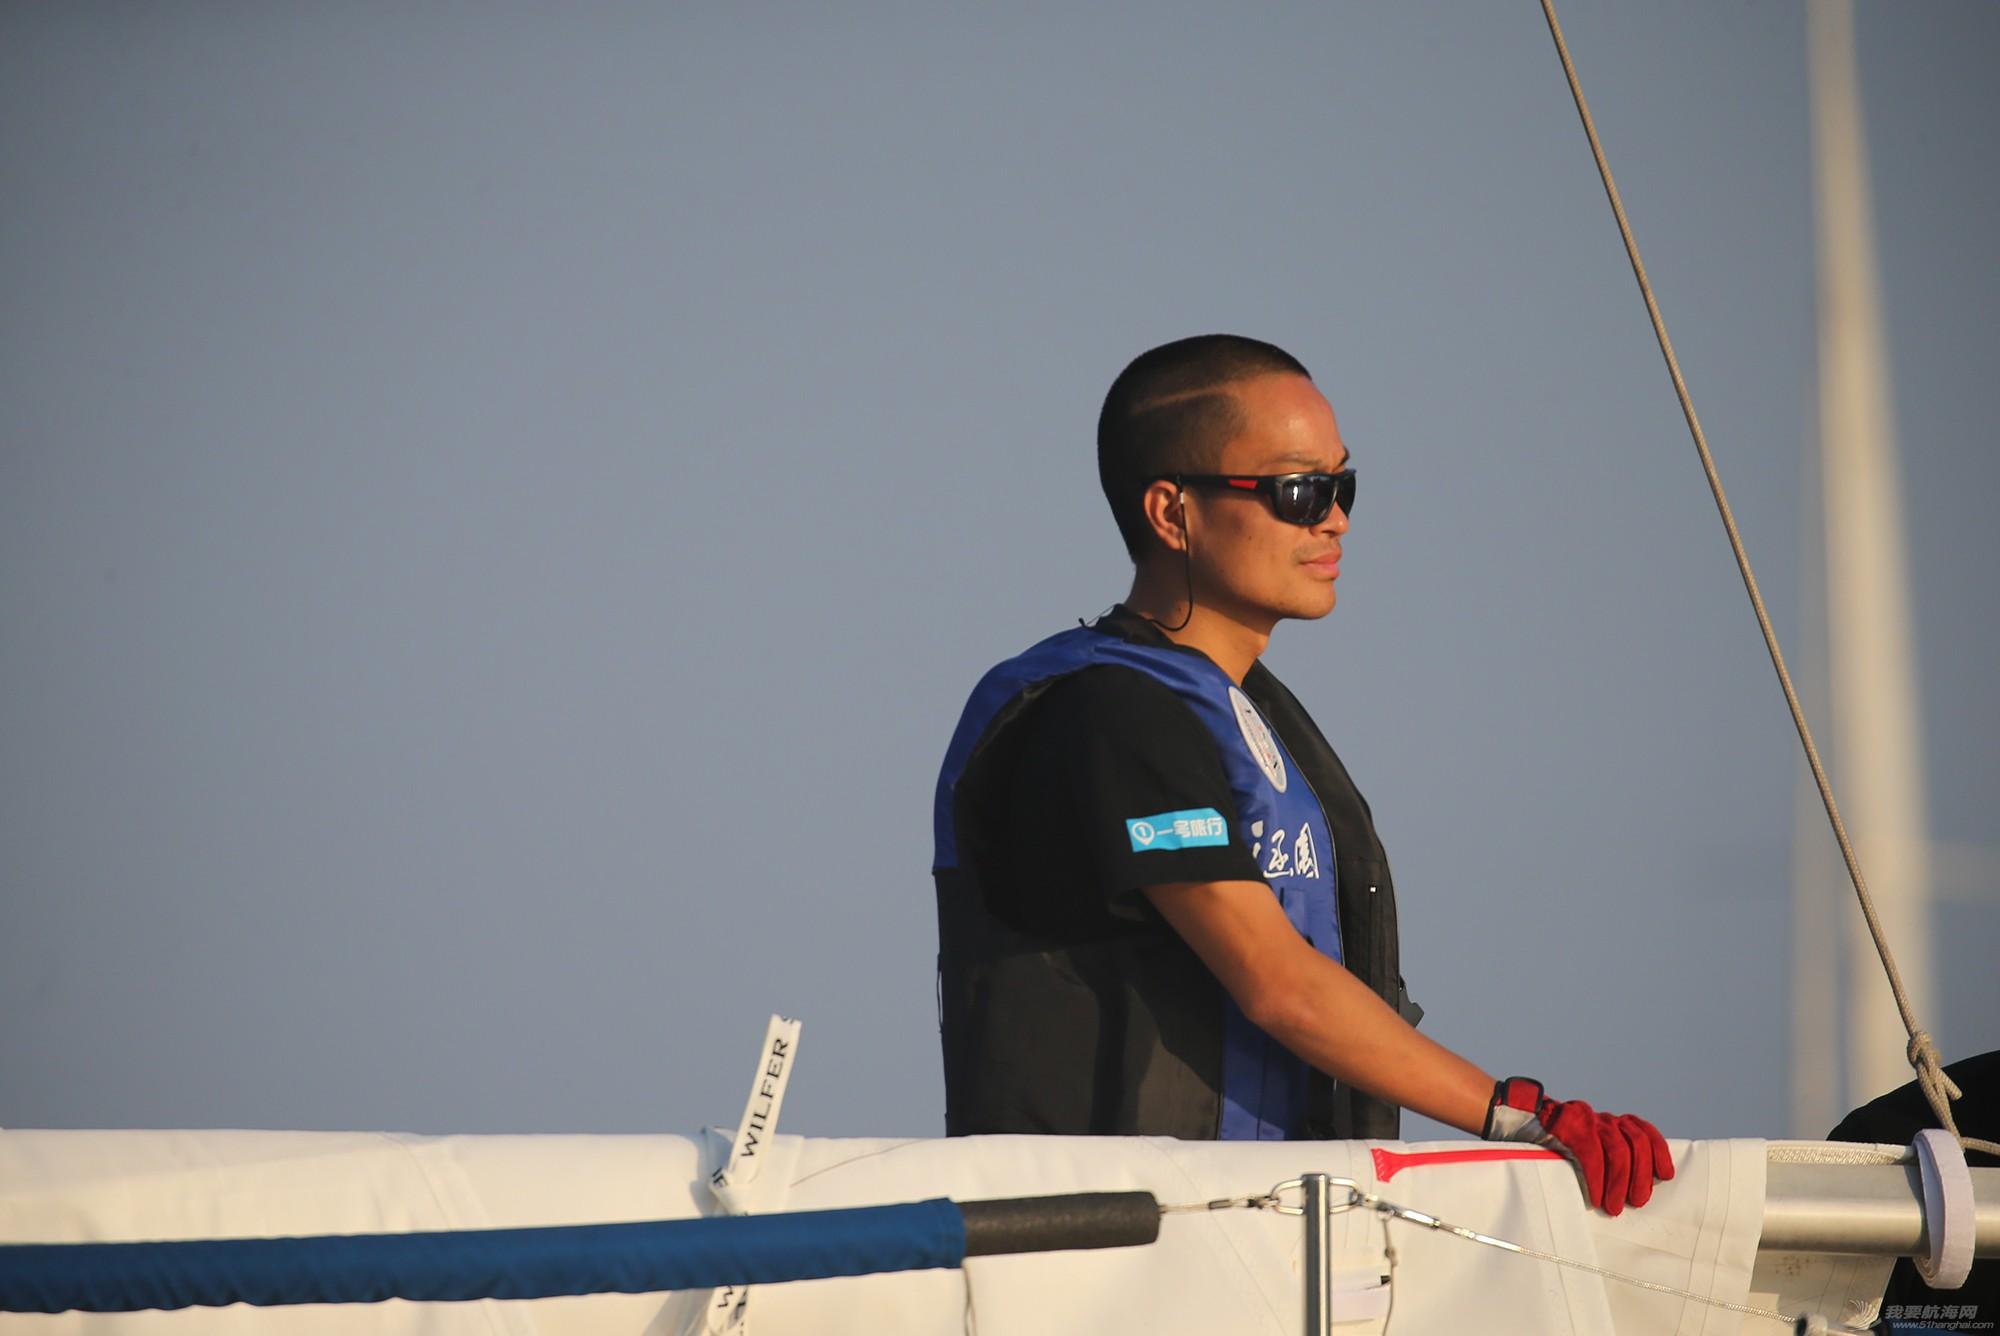 """拉力赛,帆船,太湖 2016""""菱湖湾杯""""环太湖帆船拉力赛参赛船队、船员风采 E78W1807.JPG"""